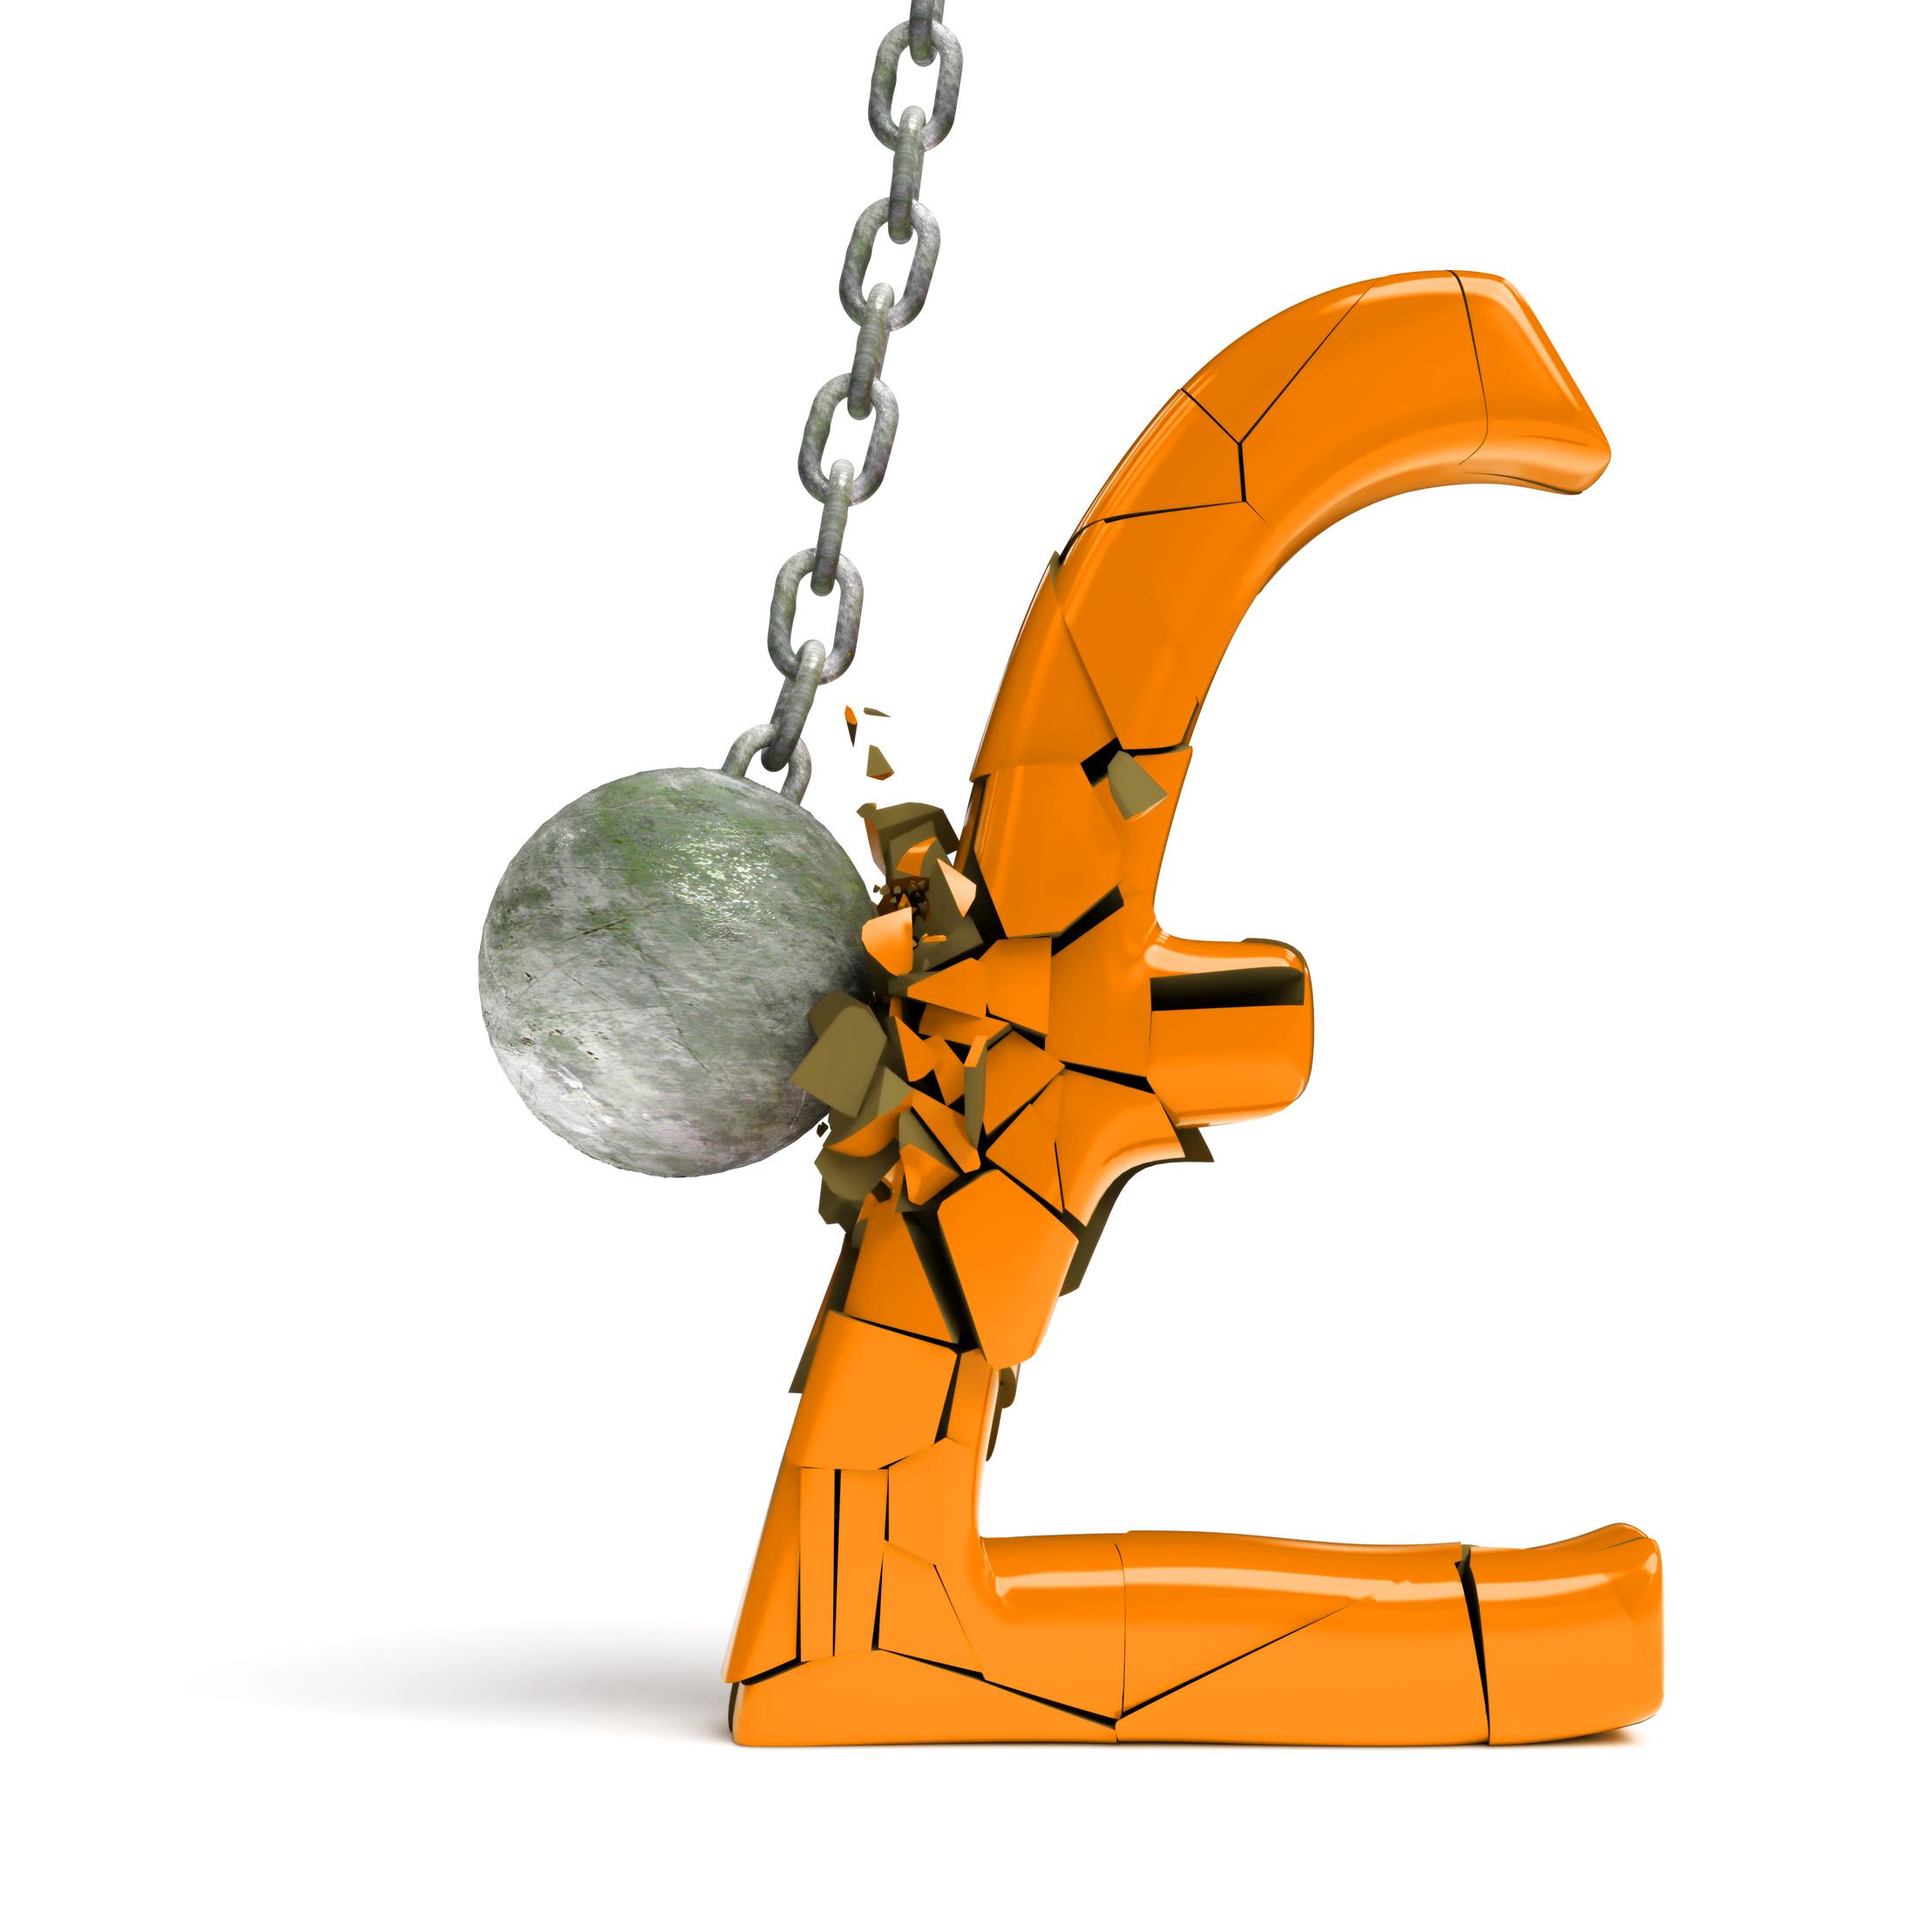 Weakening Pound affecting UK property market